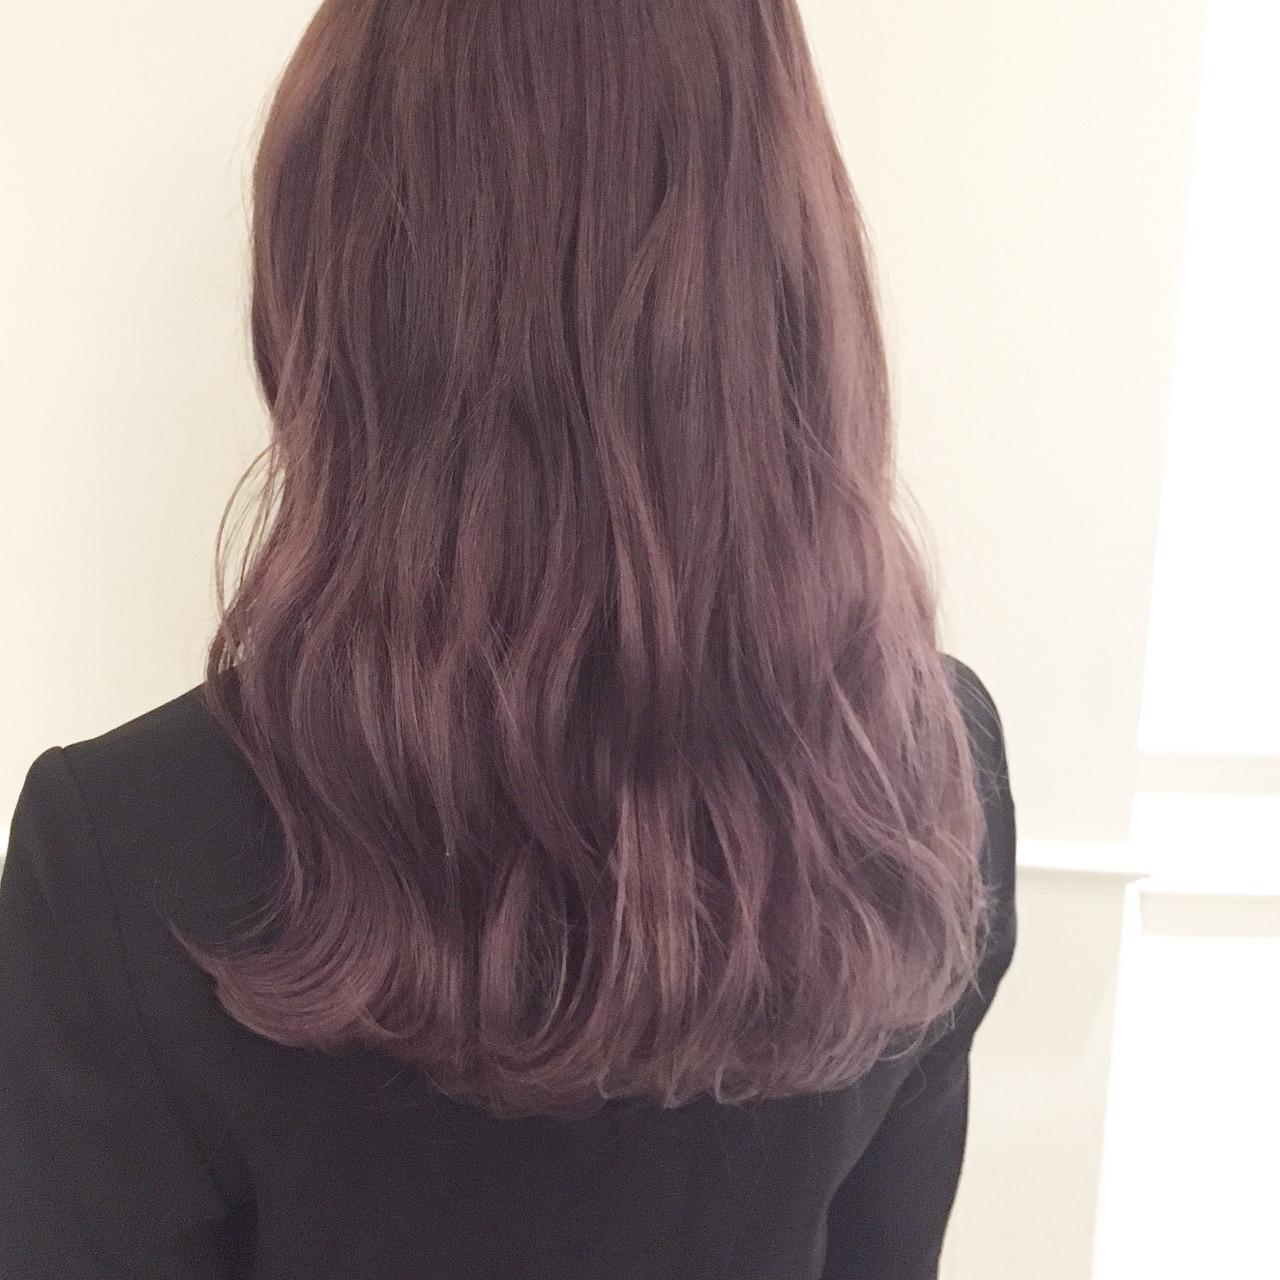 フェミニン ピンクアッシュ ラベンダー セミロング ヘアスタイルや髪型の写真・画像